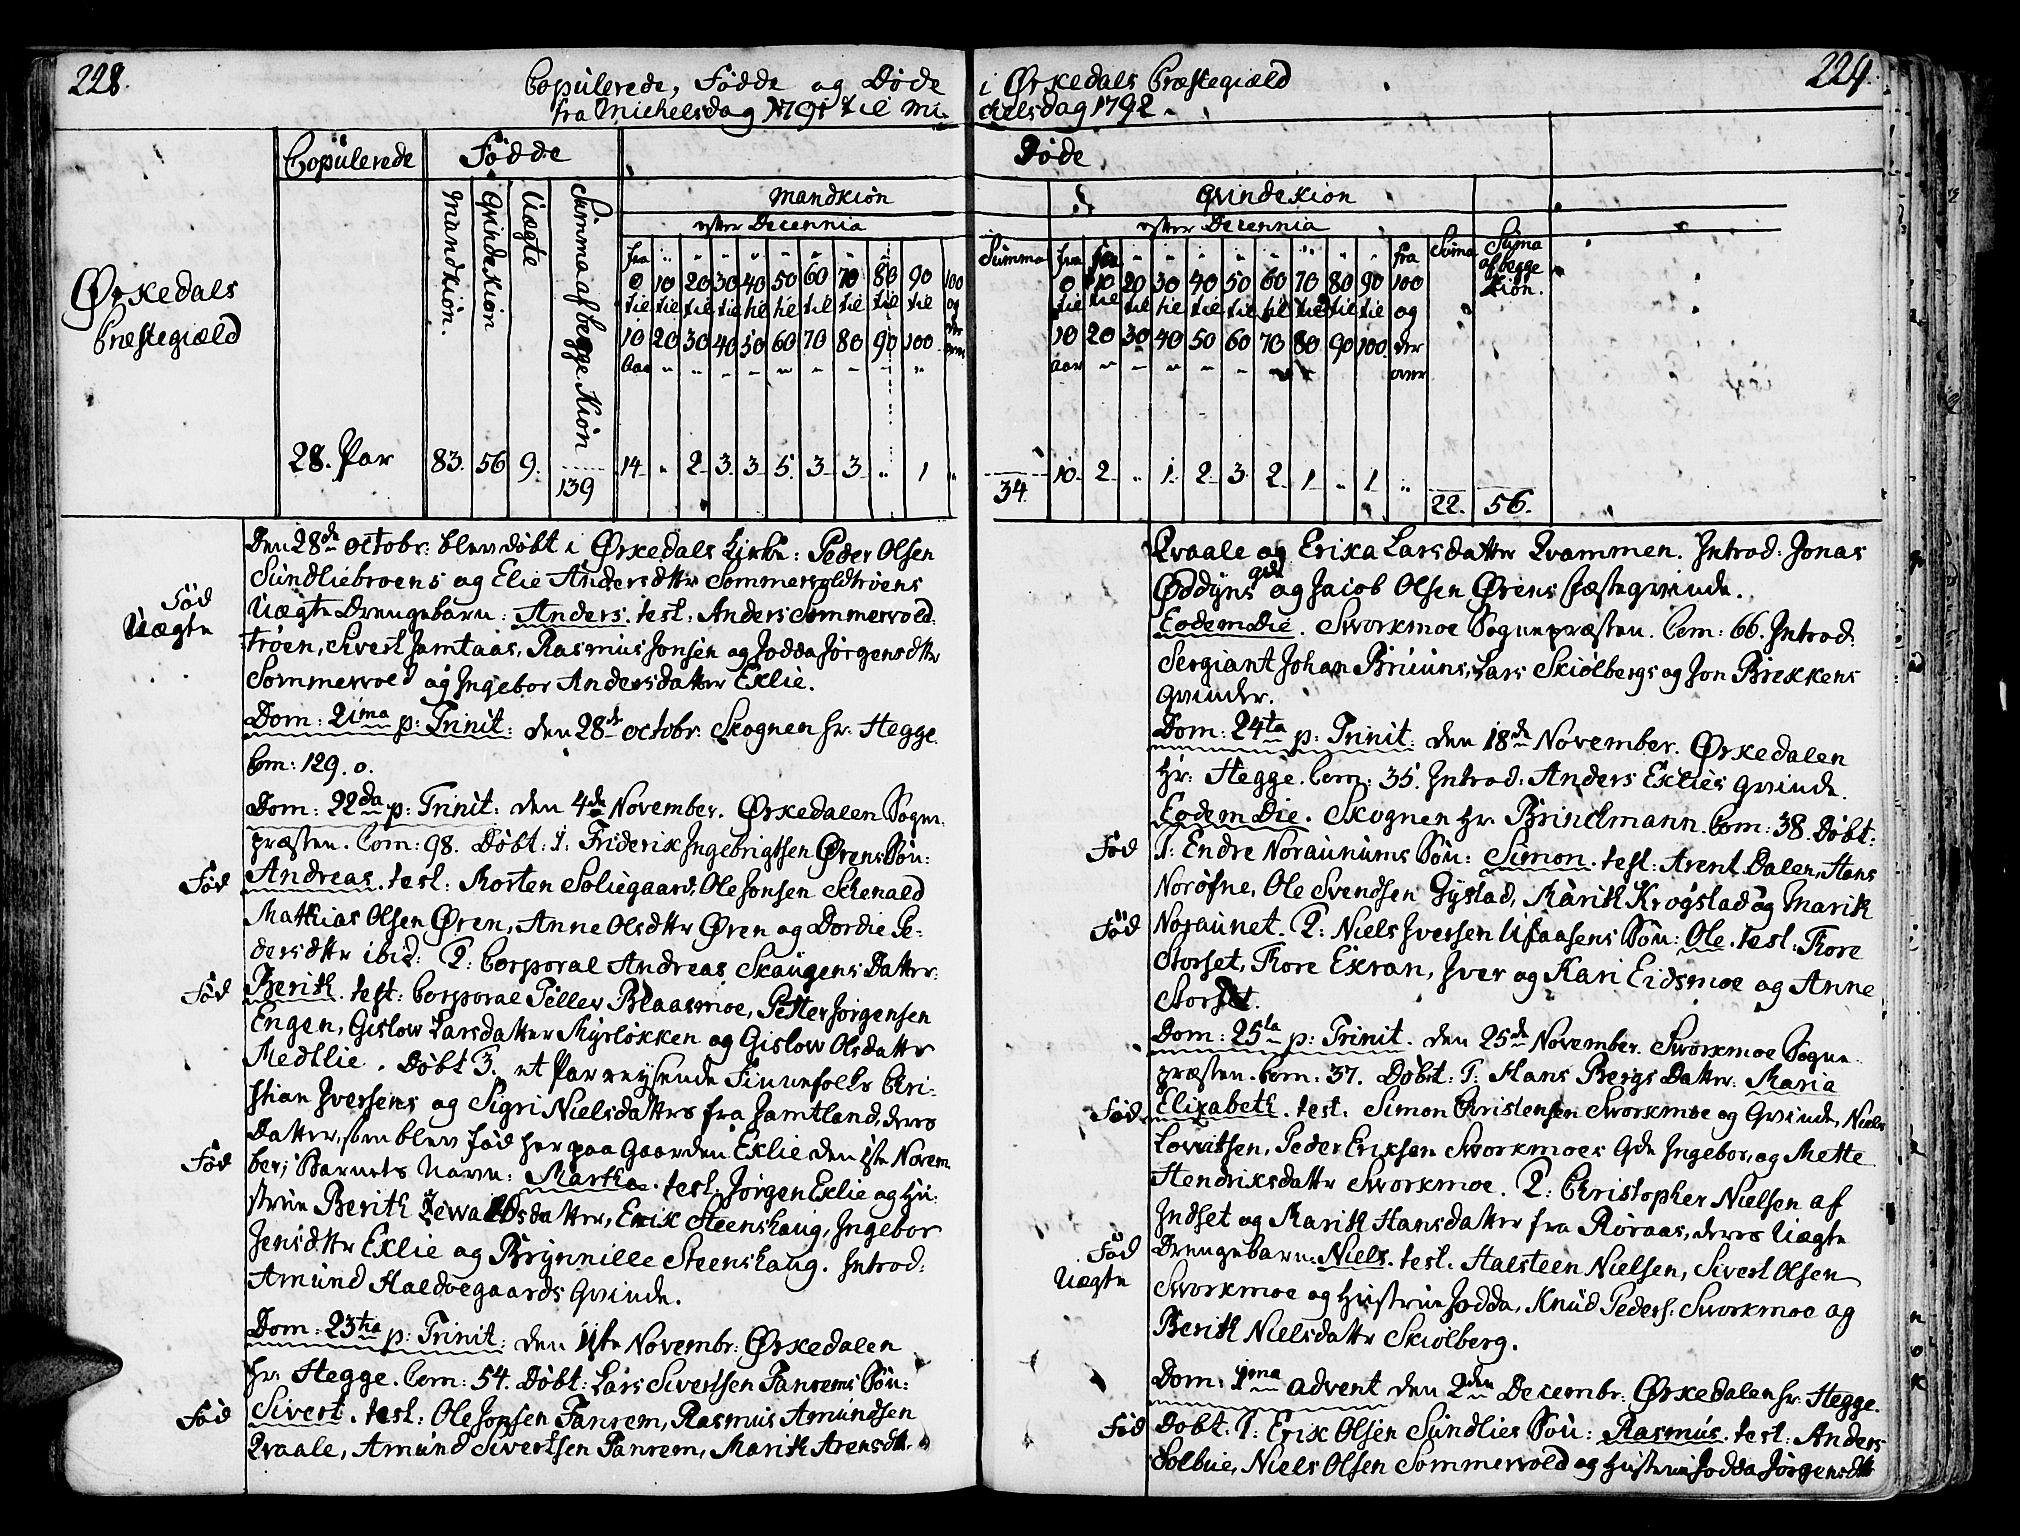 SAT, Ministerialprotokoller, klokkerbøker og fødselsregistre - Sør-Trøndelag, 668/L0802: Ministerialbok nr. 668A02, 1776-1799, s. 228-229